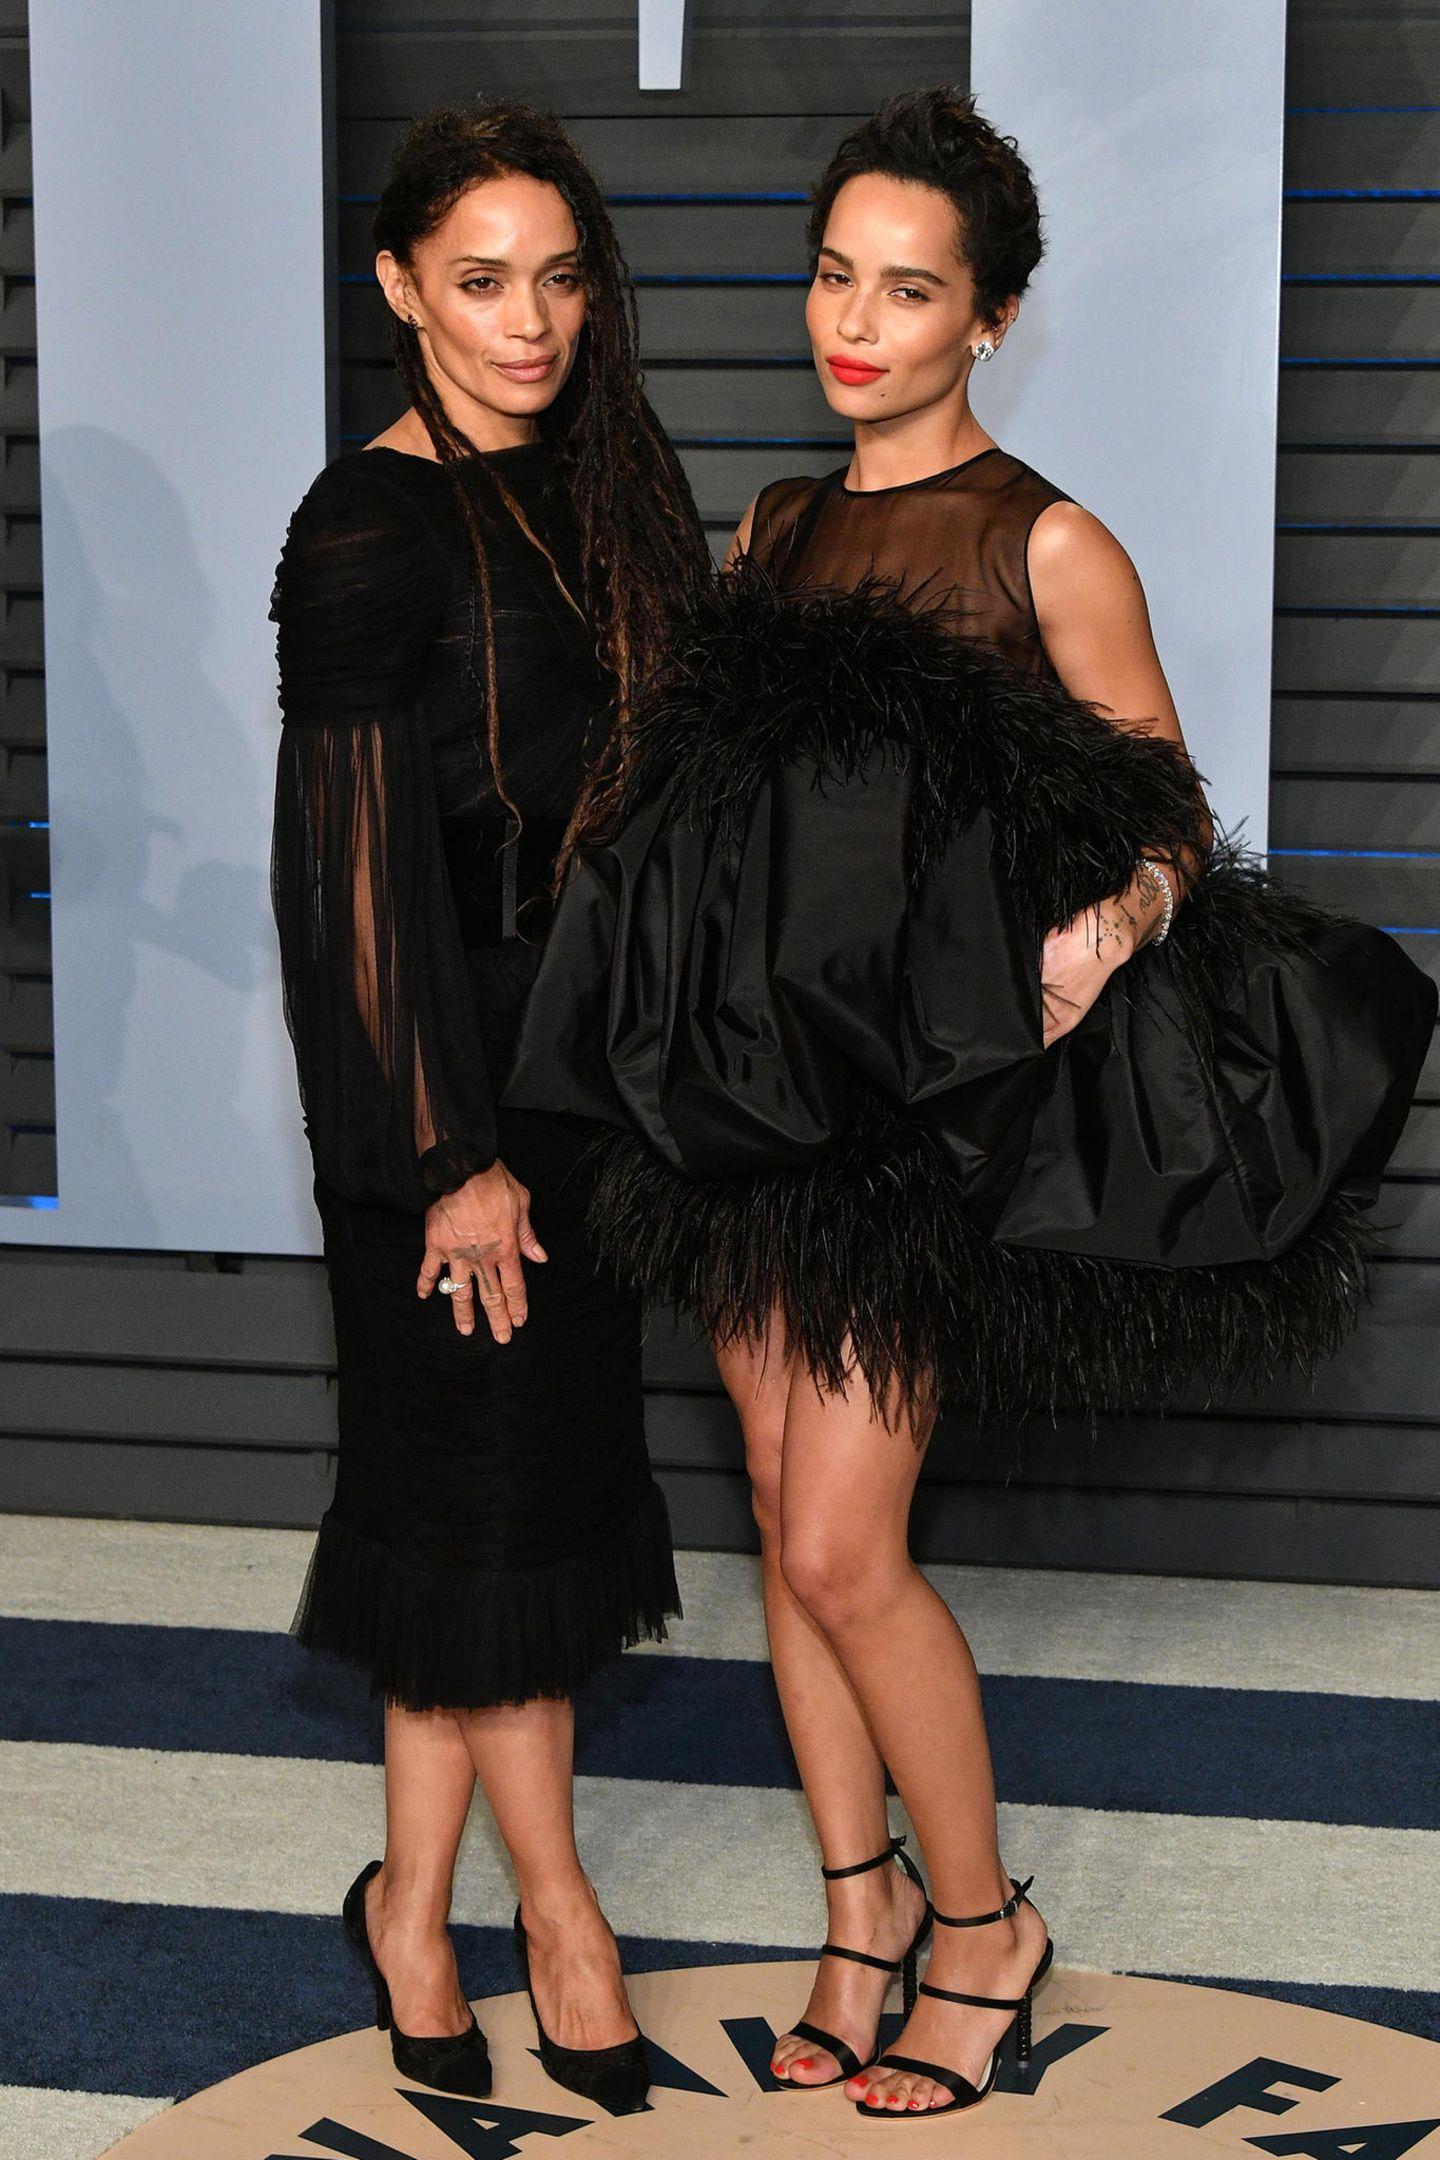 Zoë Kravitz ist als Schauspielerin mittlerweile fast schon berühmter als ihre Eltern Lisa Bonet und Lenny Kravitz.Ihr Aussehen war der Karriere dabei sicher nicht ganz unzuträglich.